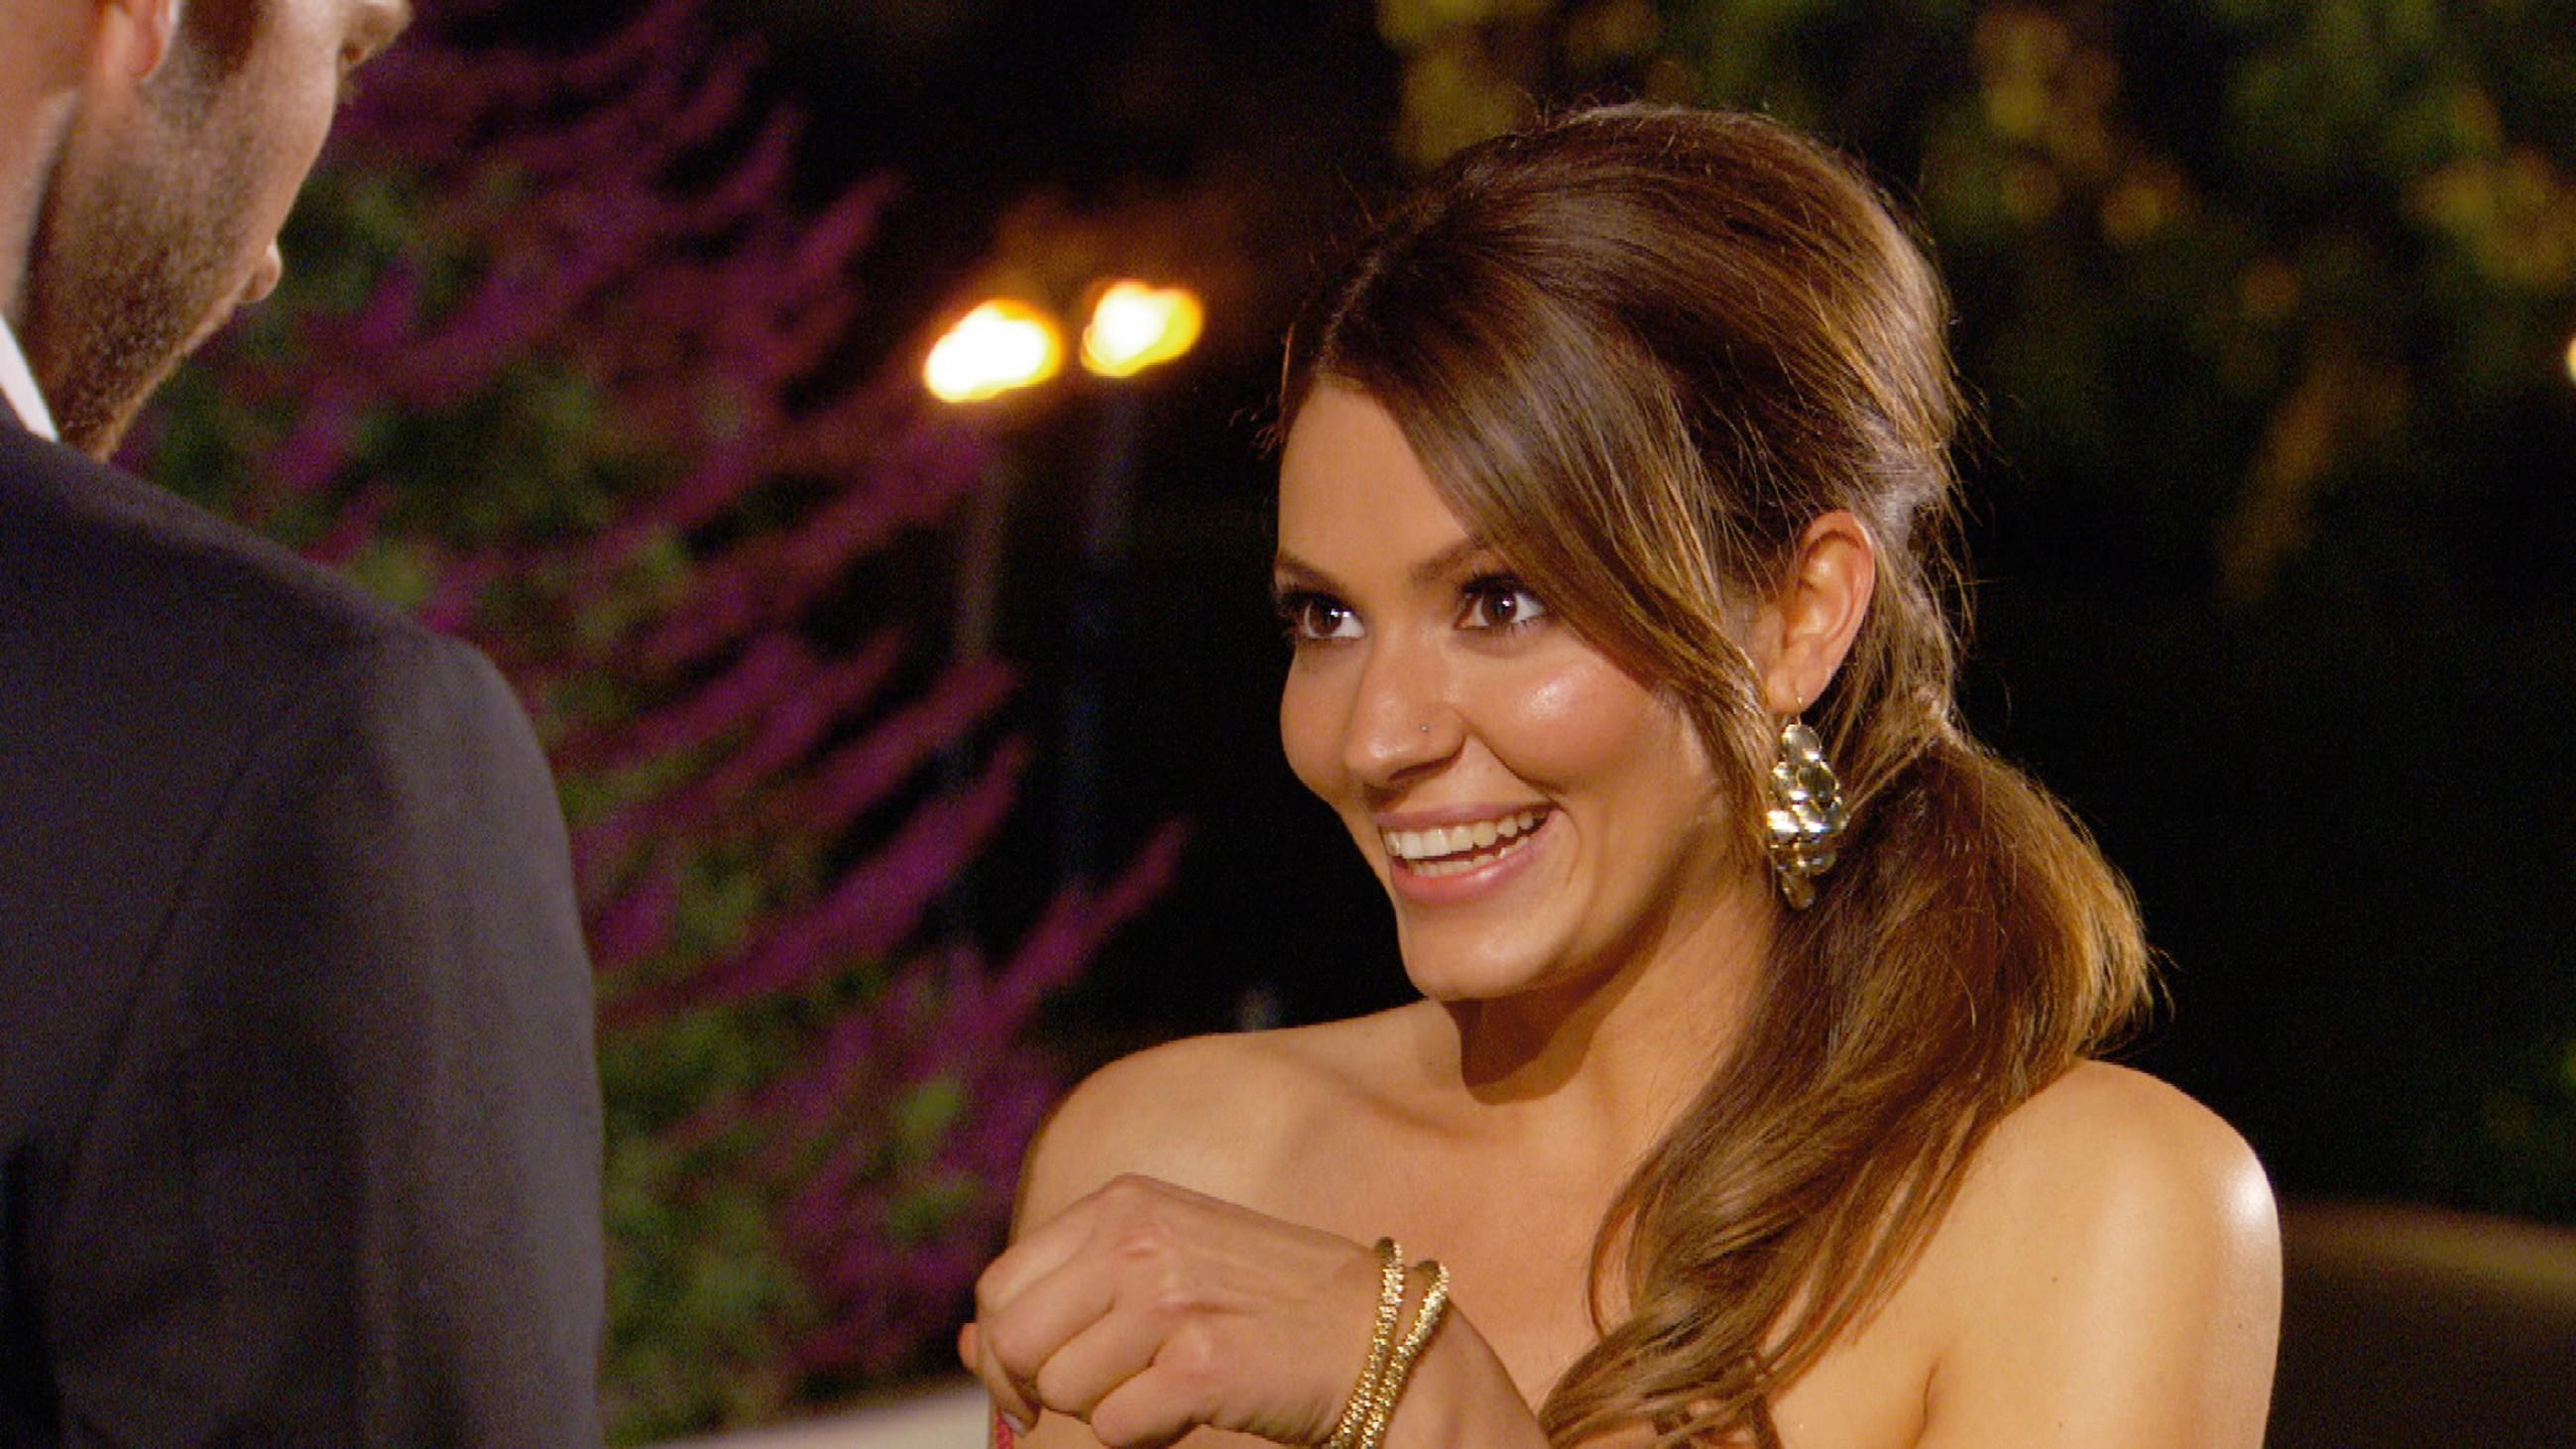 Der Bachelor 2015 - Folge 1 - Petra